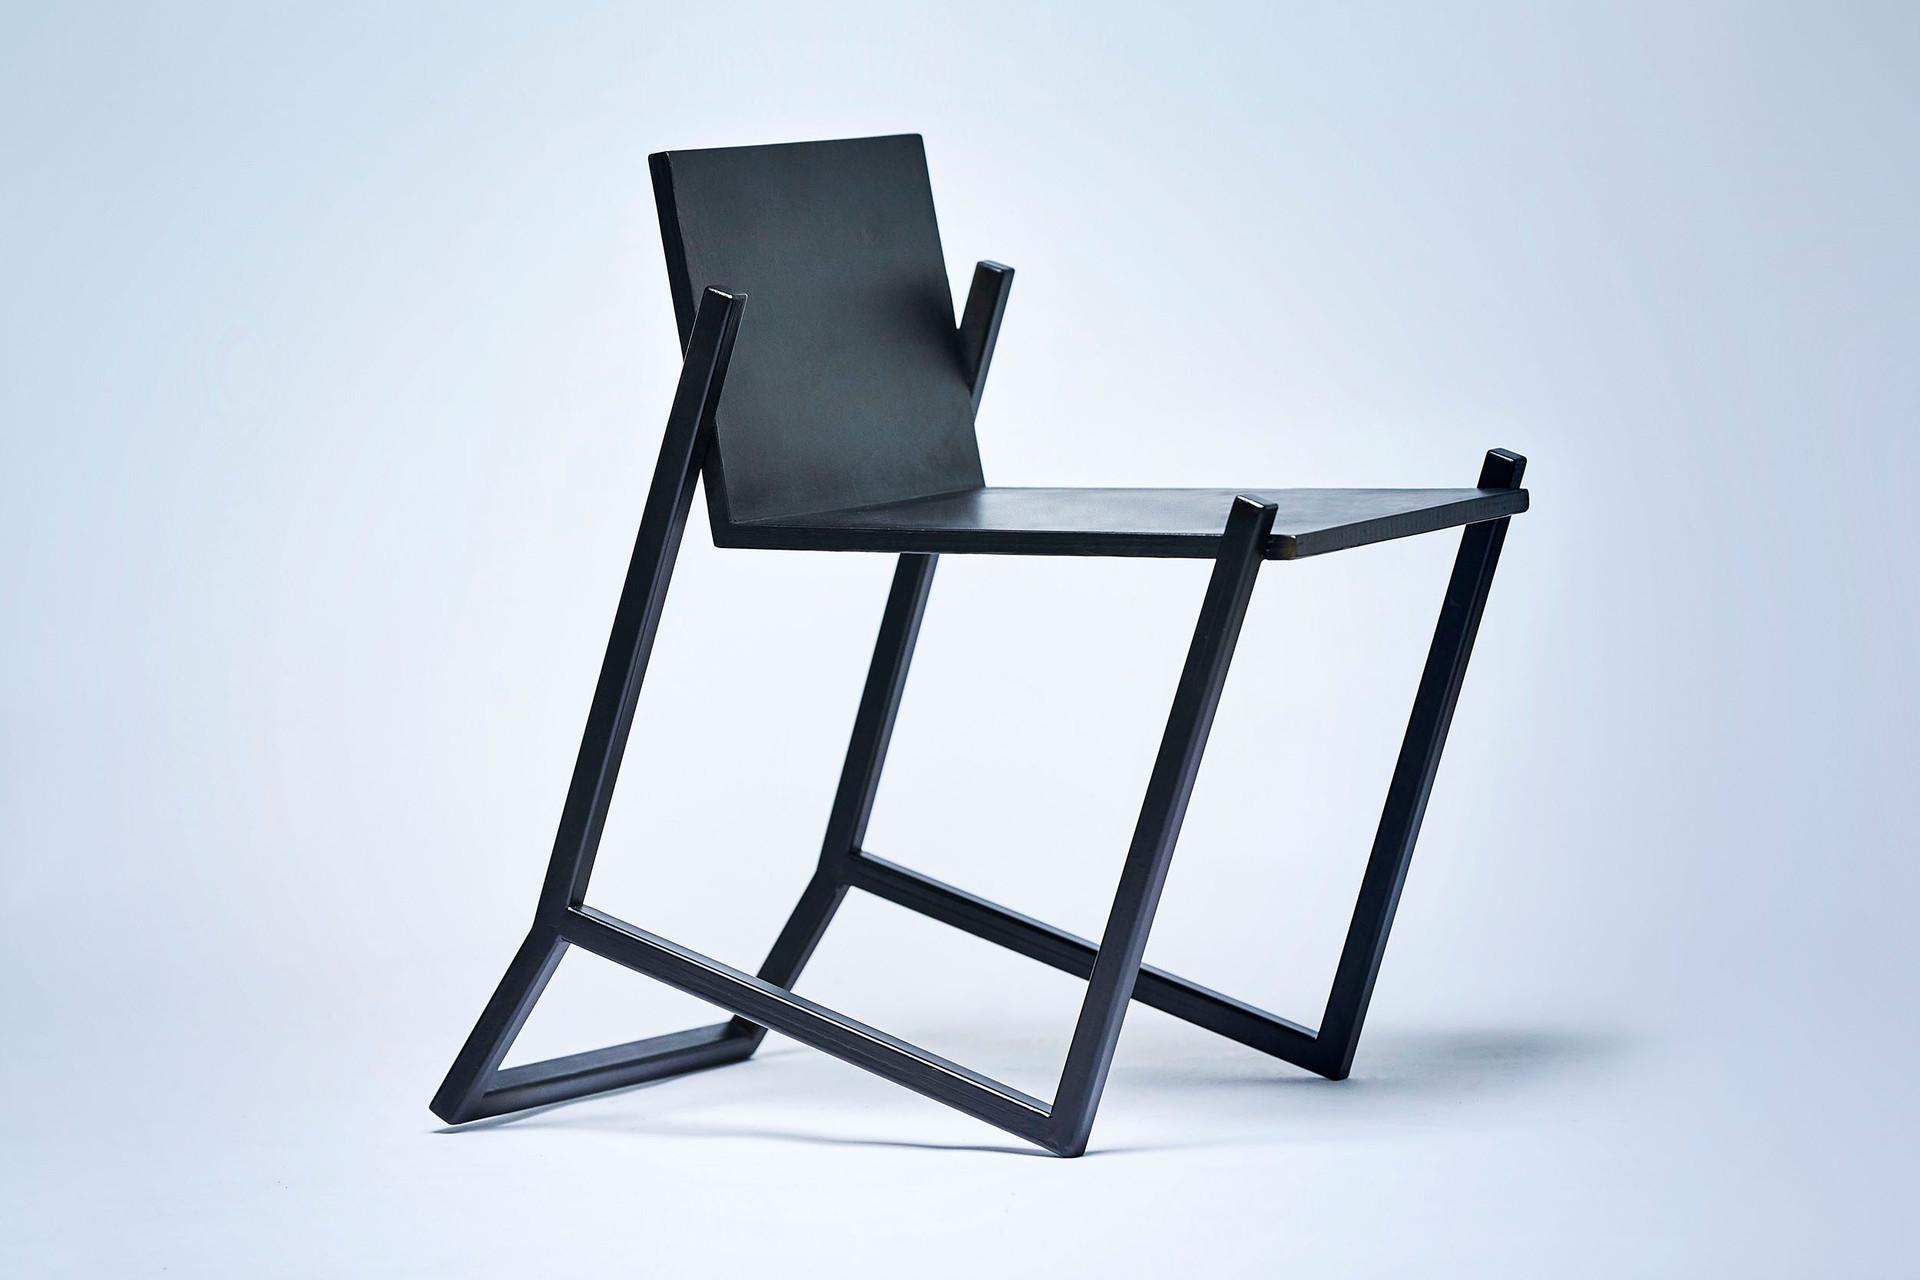 chairs7.jpg